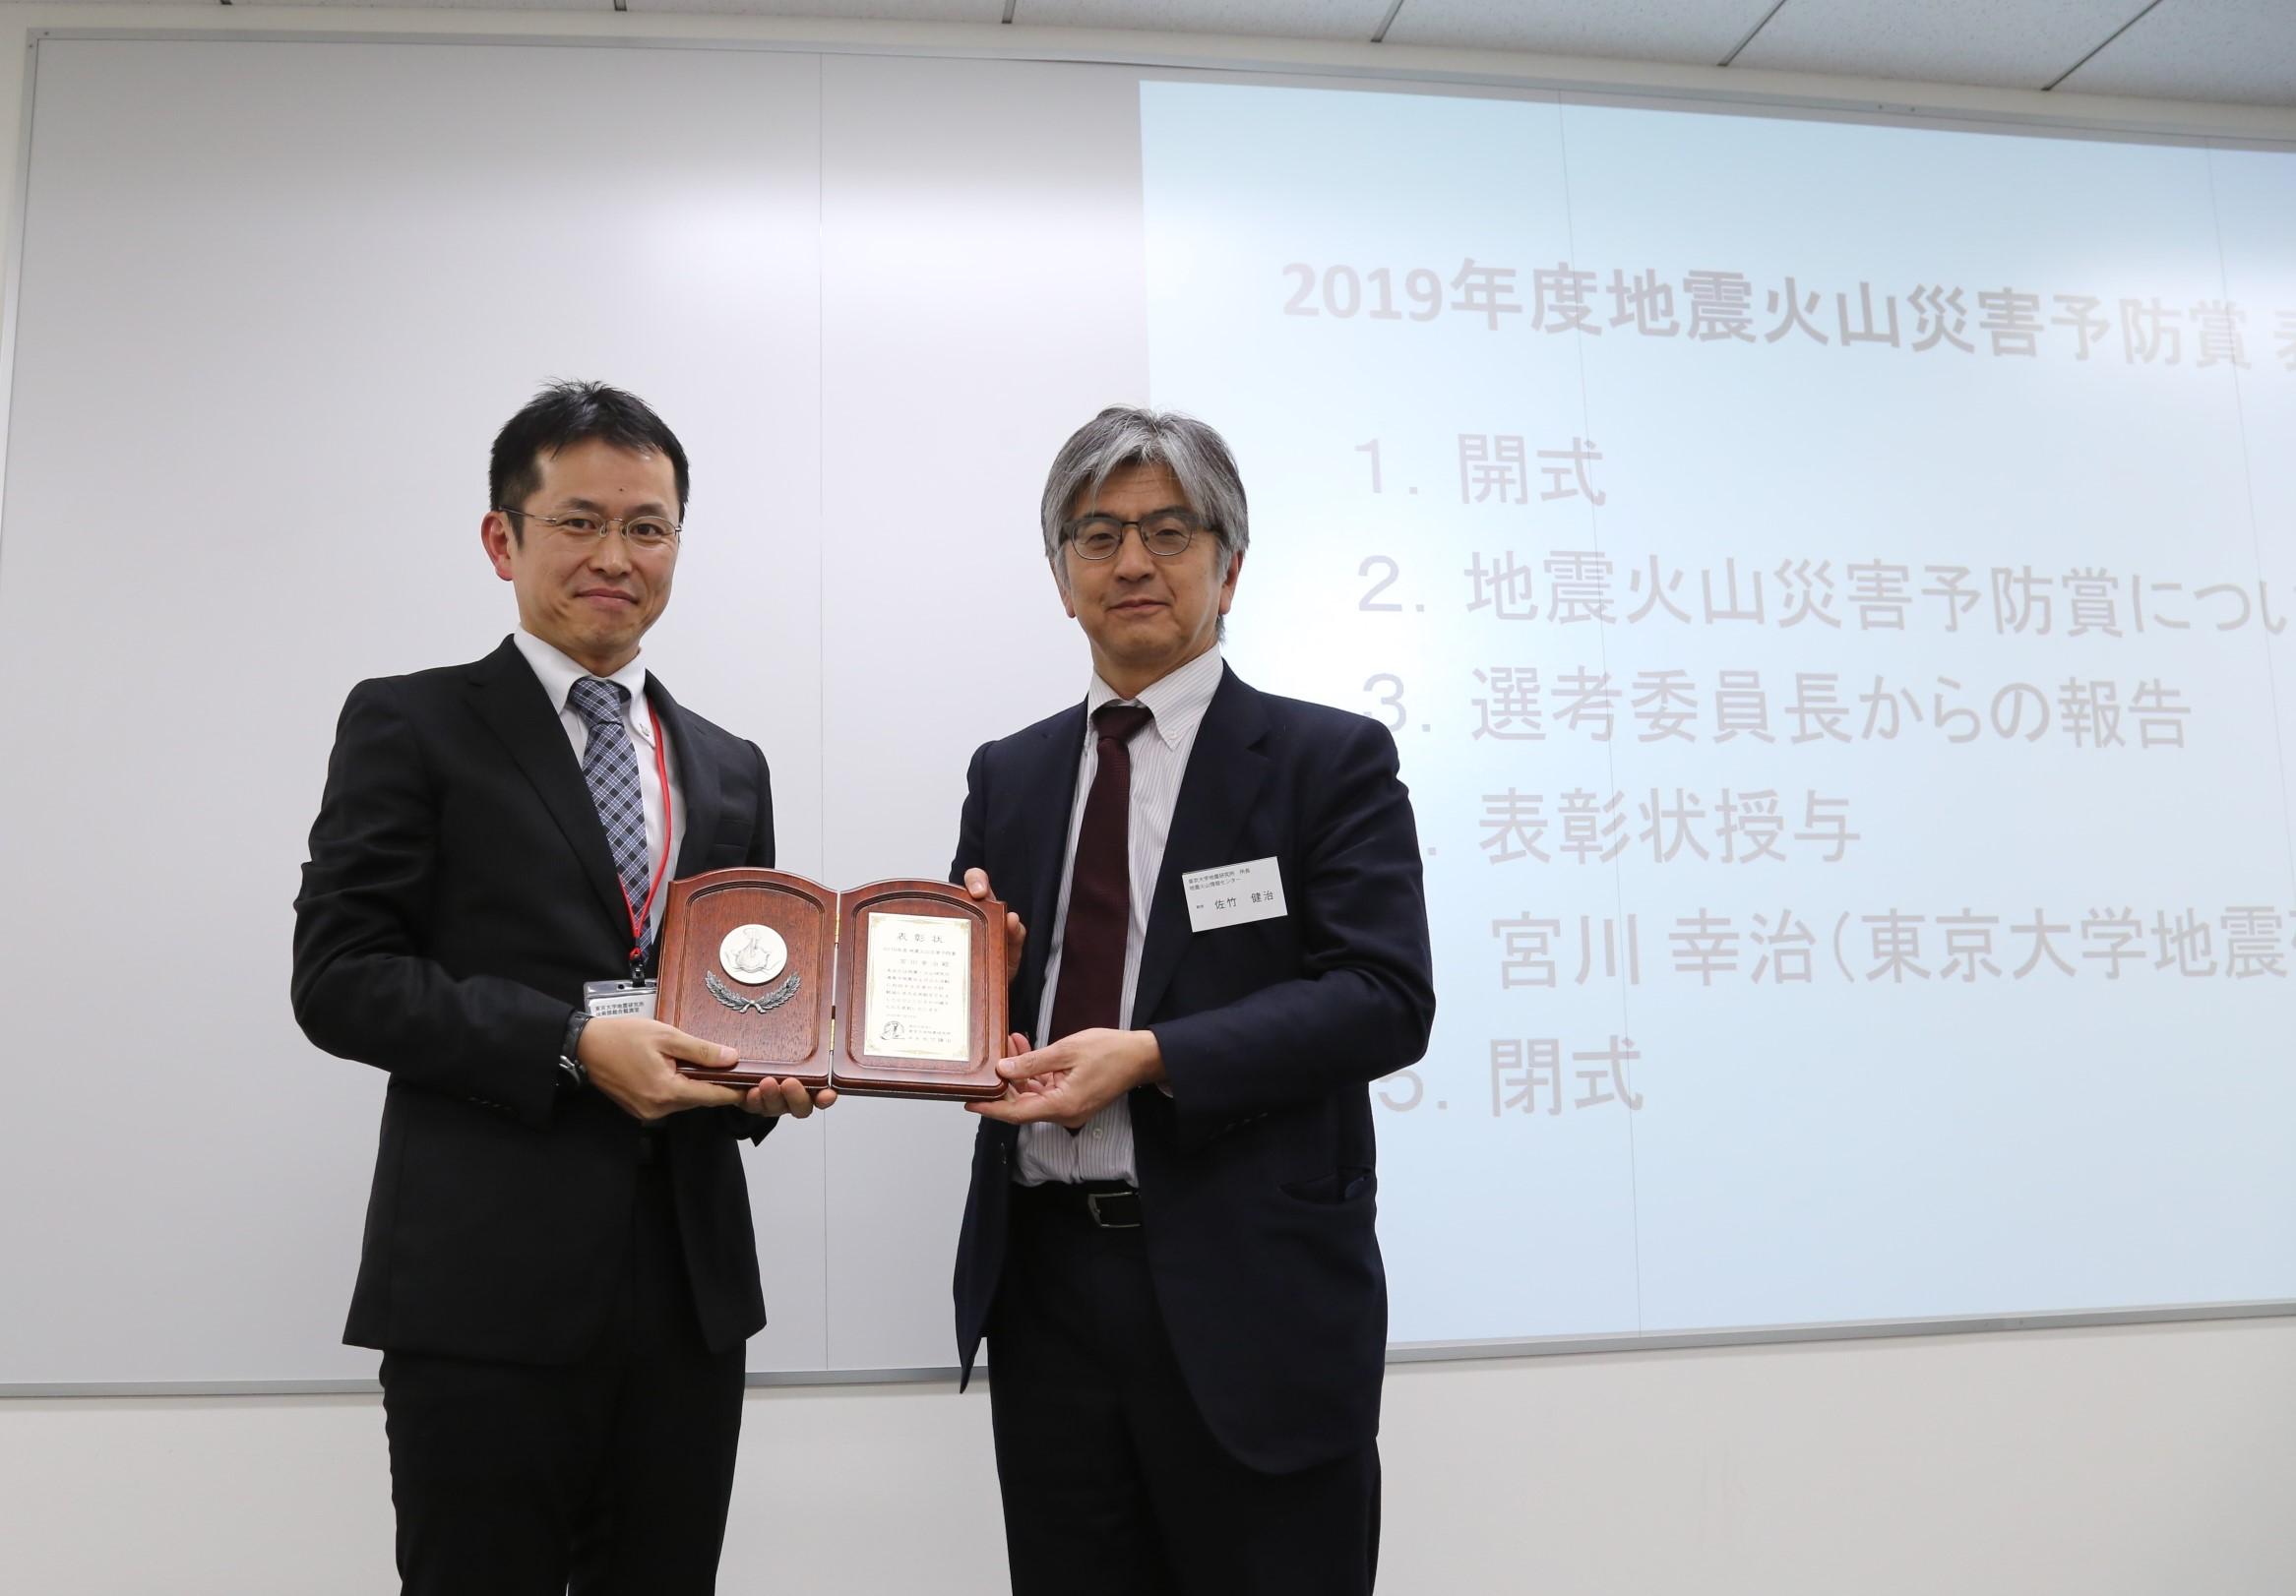 宮川幸治 技術専門職員 令和元年度 地震火山災害予防賞受賞